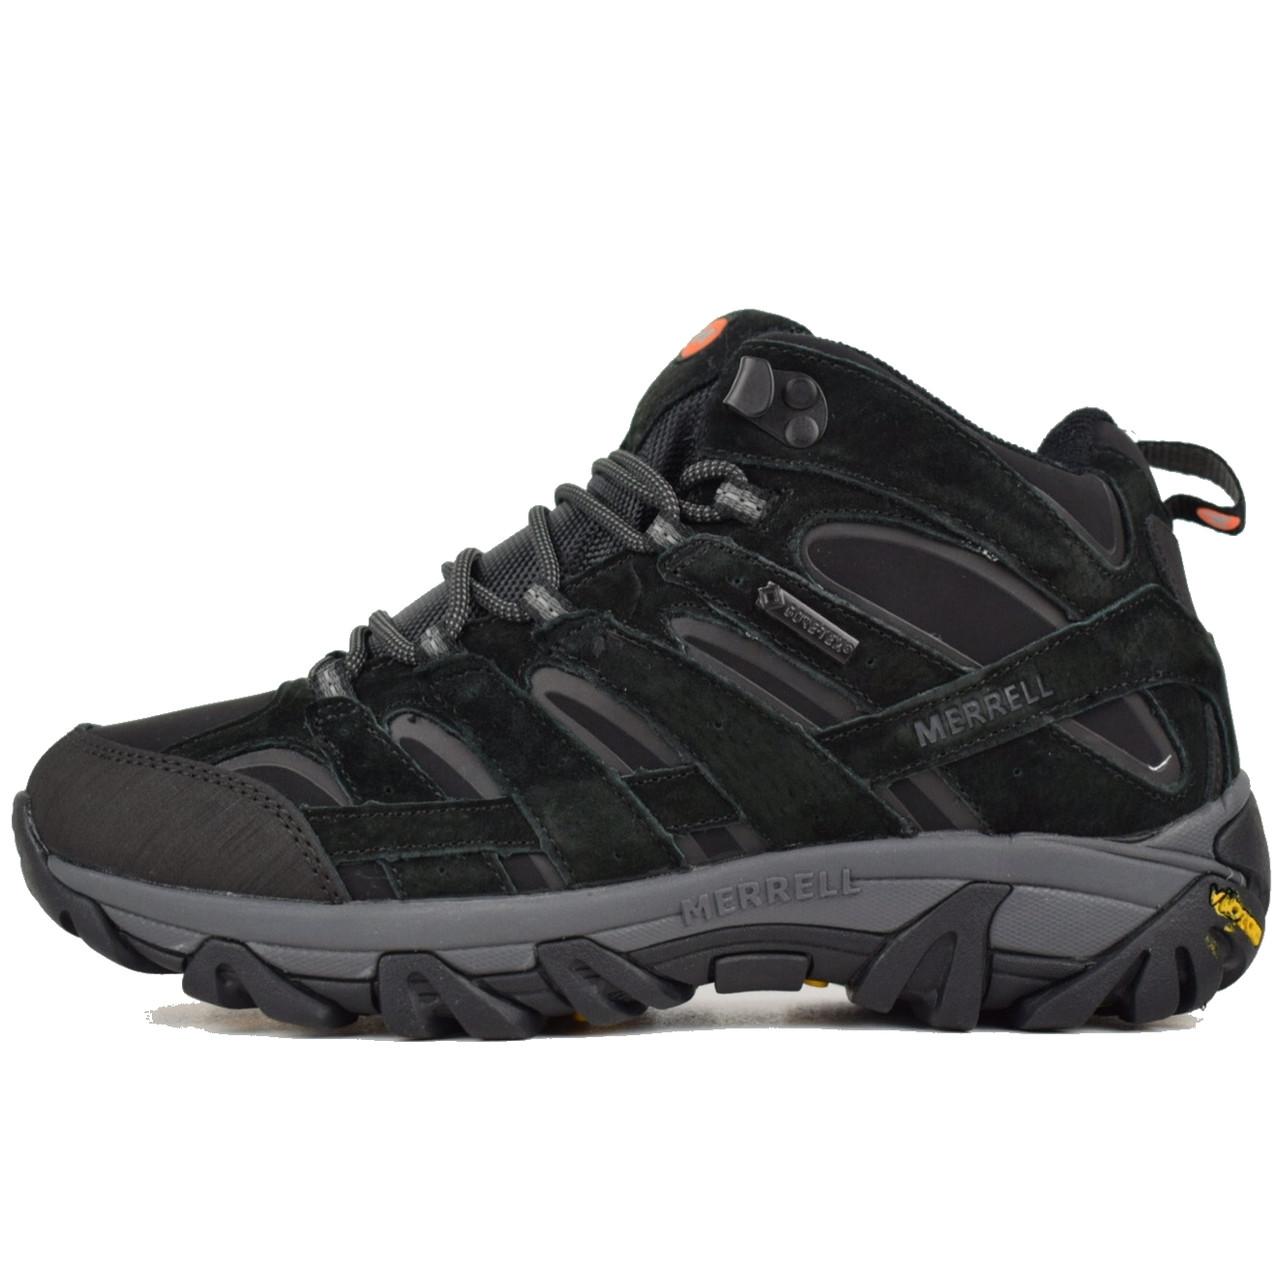 Теплые мужские кроссовки Merrell Moab (на МЕХу) Высокие черные (Top replic)